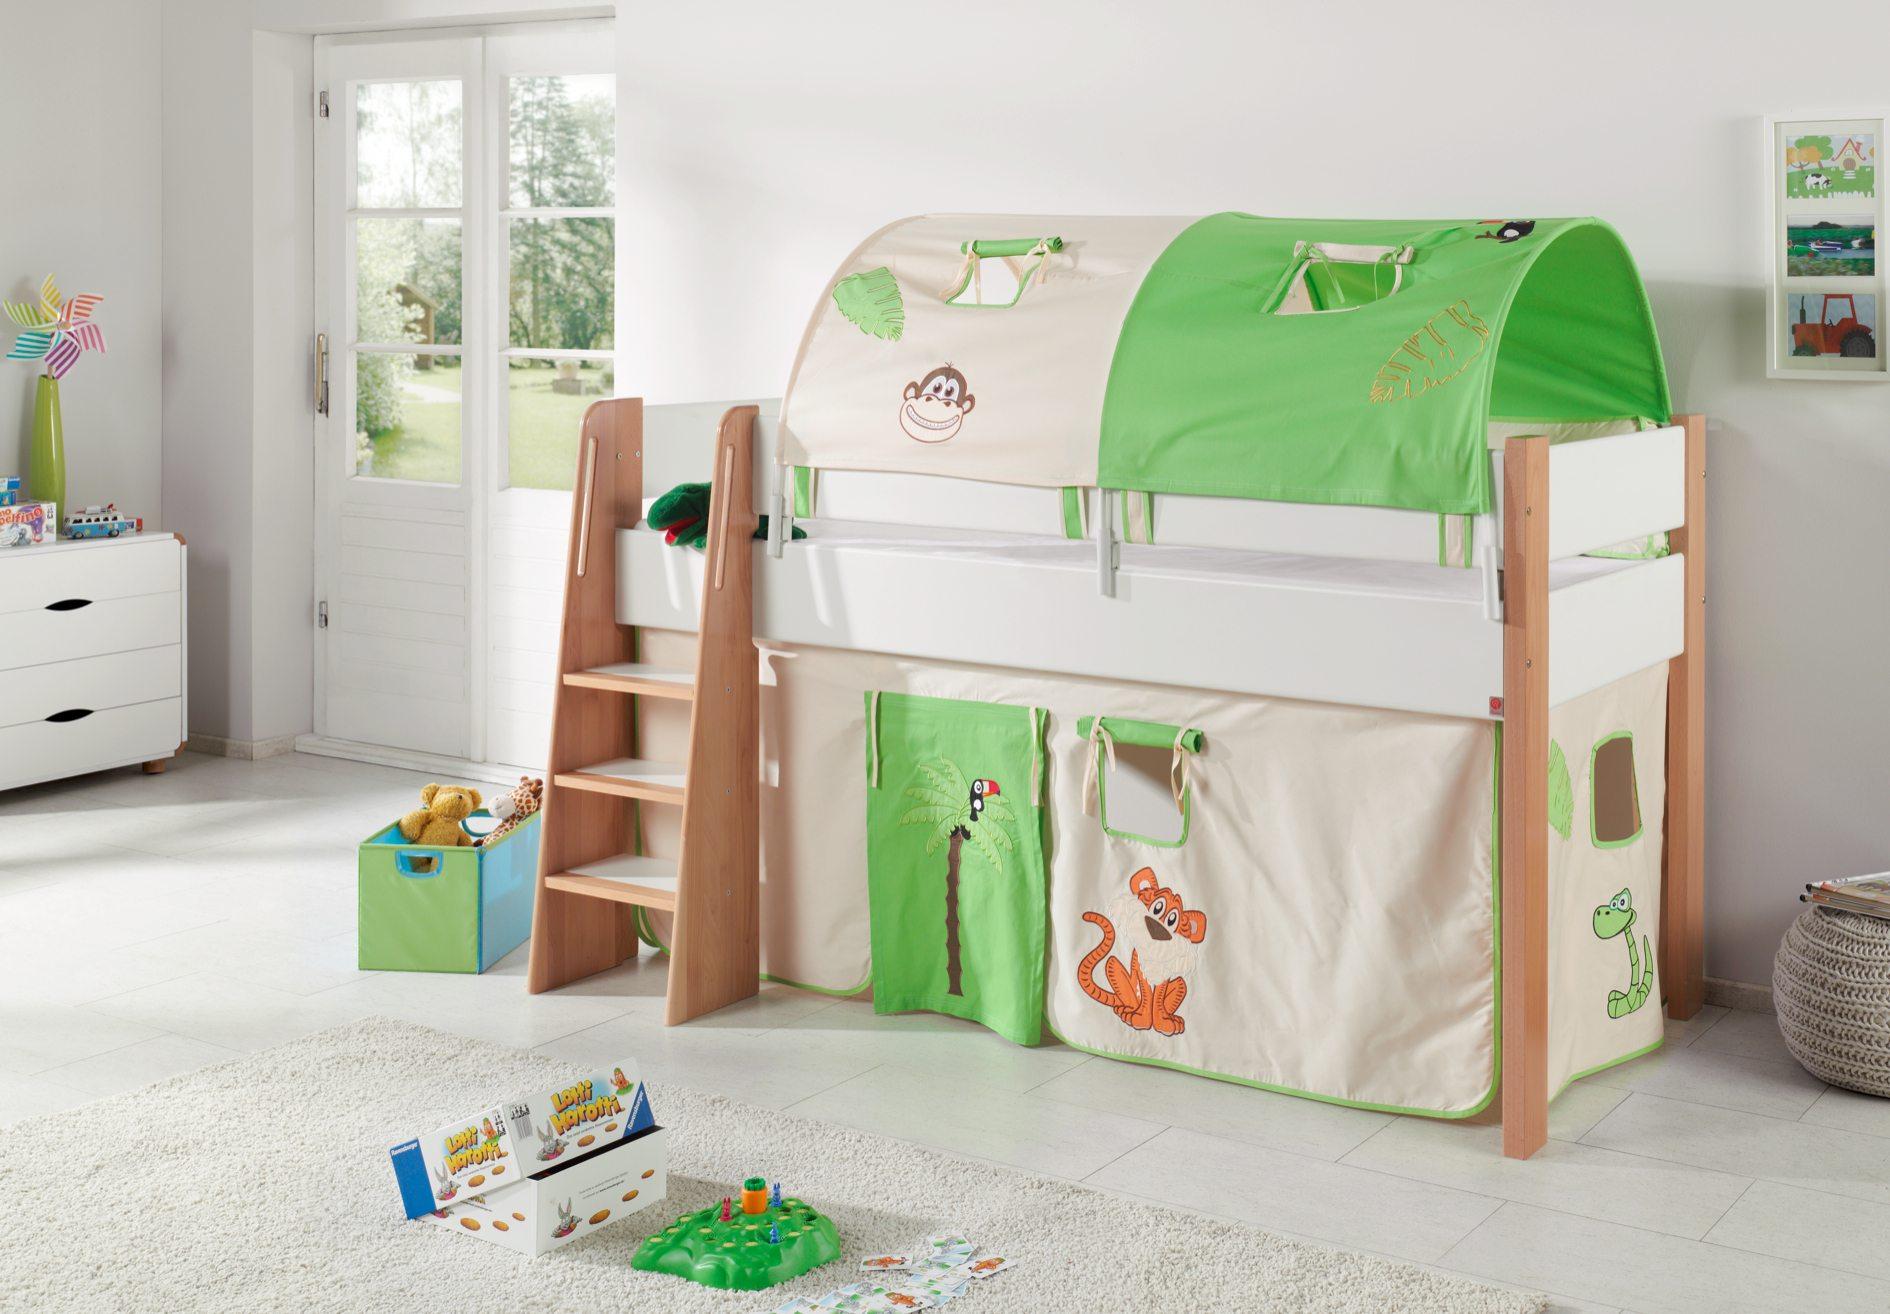 hochbett sam 3 kinderbett spielbett halbhohes bett buche wei stoff burg kids teens betten. Black Bedroom Furniture Sets. Home Design Ideas